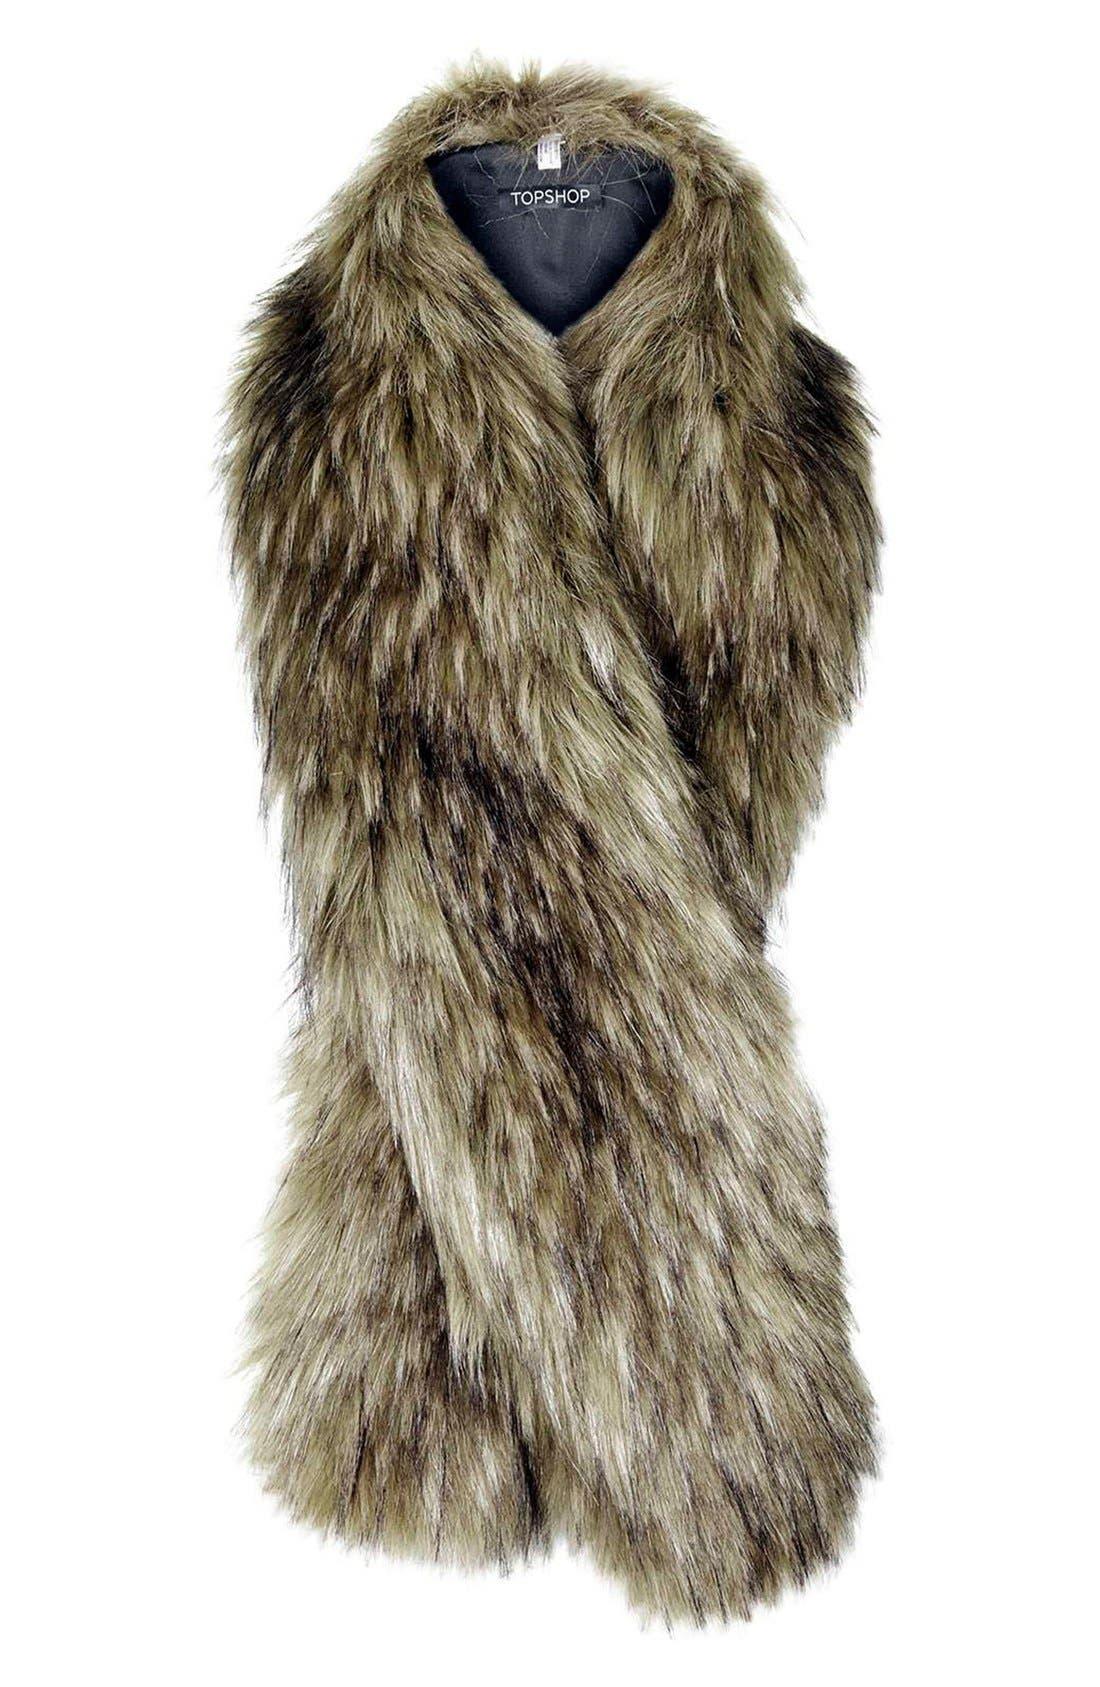 TOPSHOP, Faux Coyote Fur Stole, Alternate thumbnail 2, color, 200